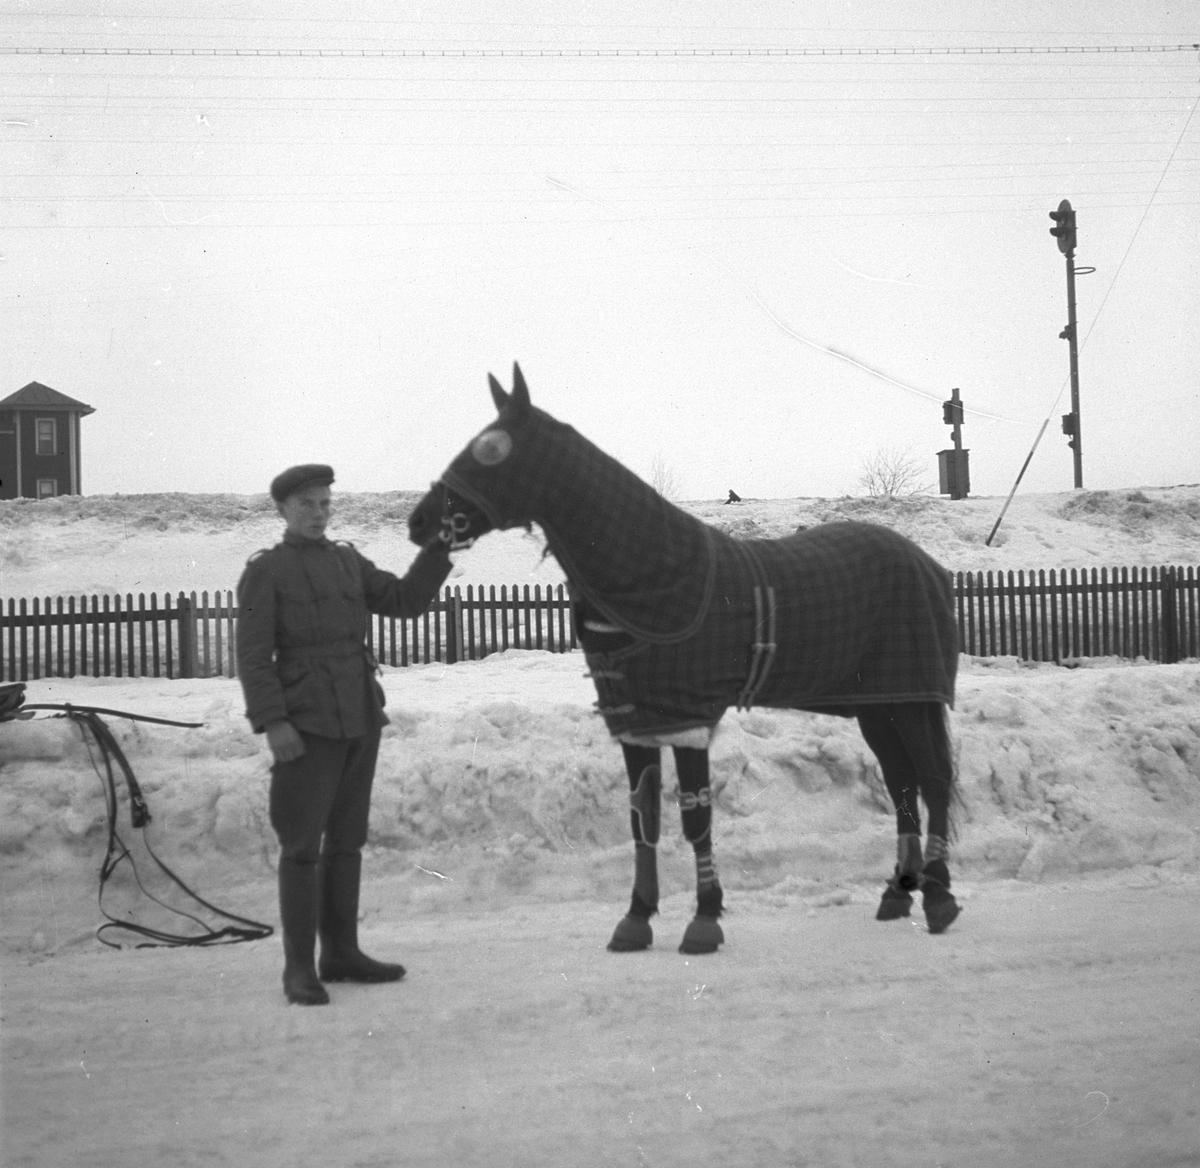 Malmbergs startades 1905 av Elof Malmberg. Blev en av Sveriges ledande producenter av artiklar för idrott, jakt, fiske, skytte och friluftsliv. En man och en häst med utrustning från Malmbergs. Den 26 januari 1938